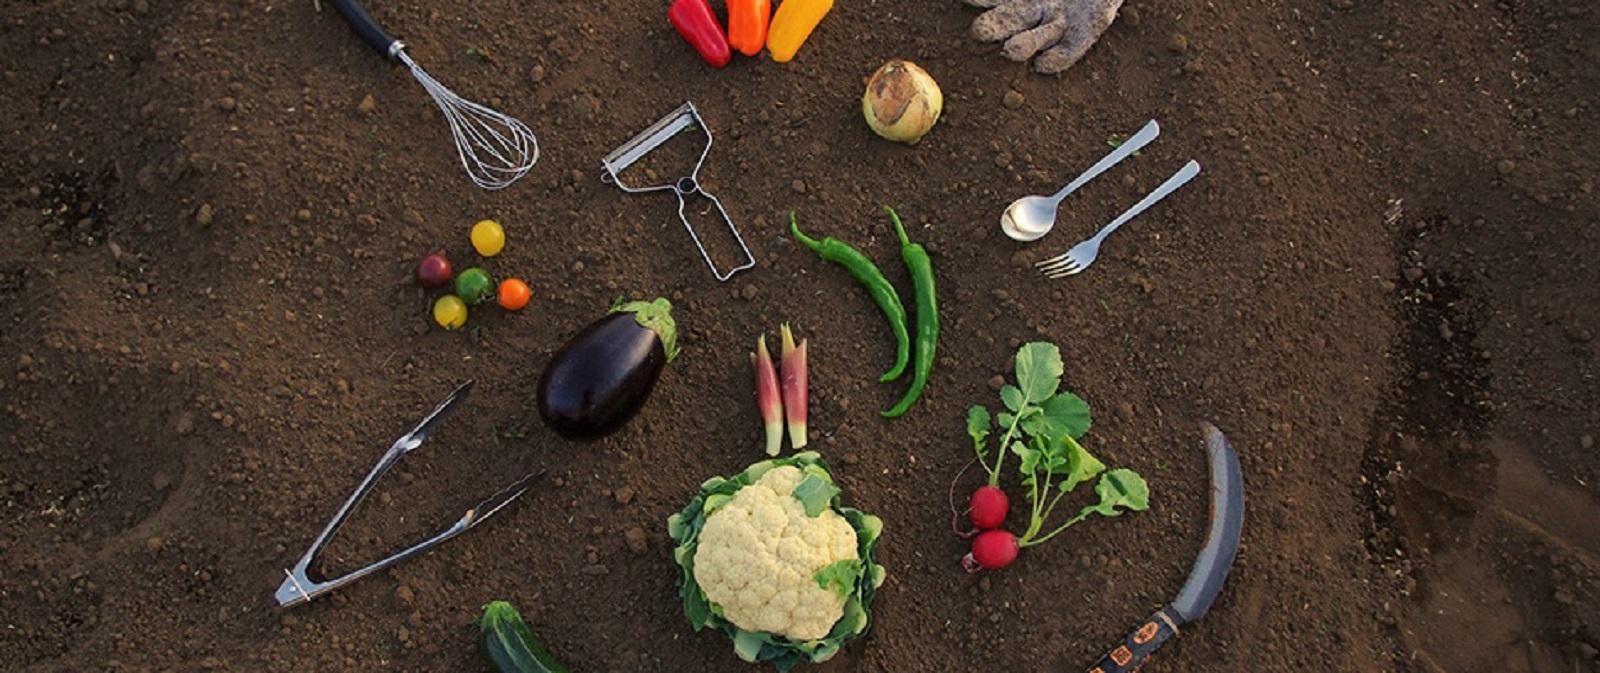 代々木上原「WE ARE THE FARM」のイメージ写真